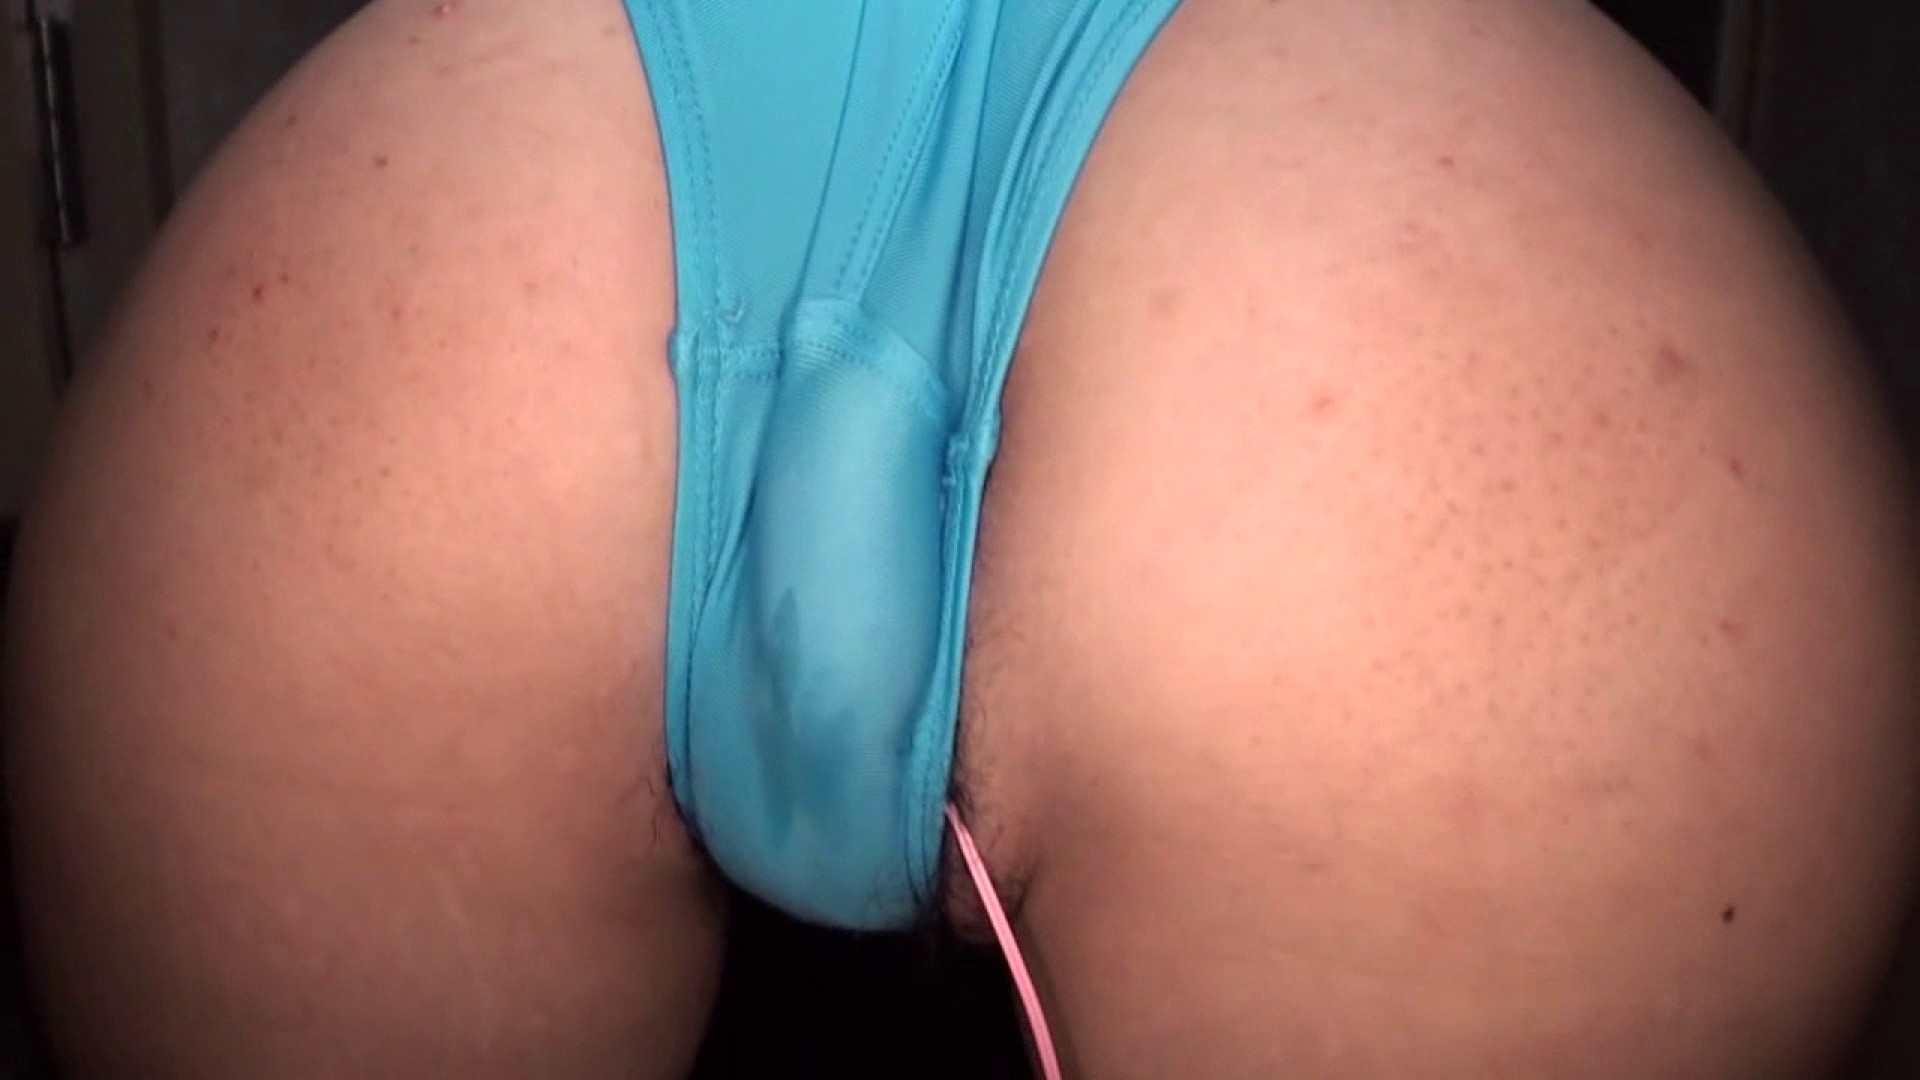 おしえてギャル子のH塾 Vol.40 ギャルのカラダ すけべAV動画紹介 11pic 3